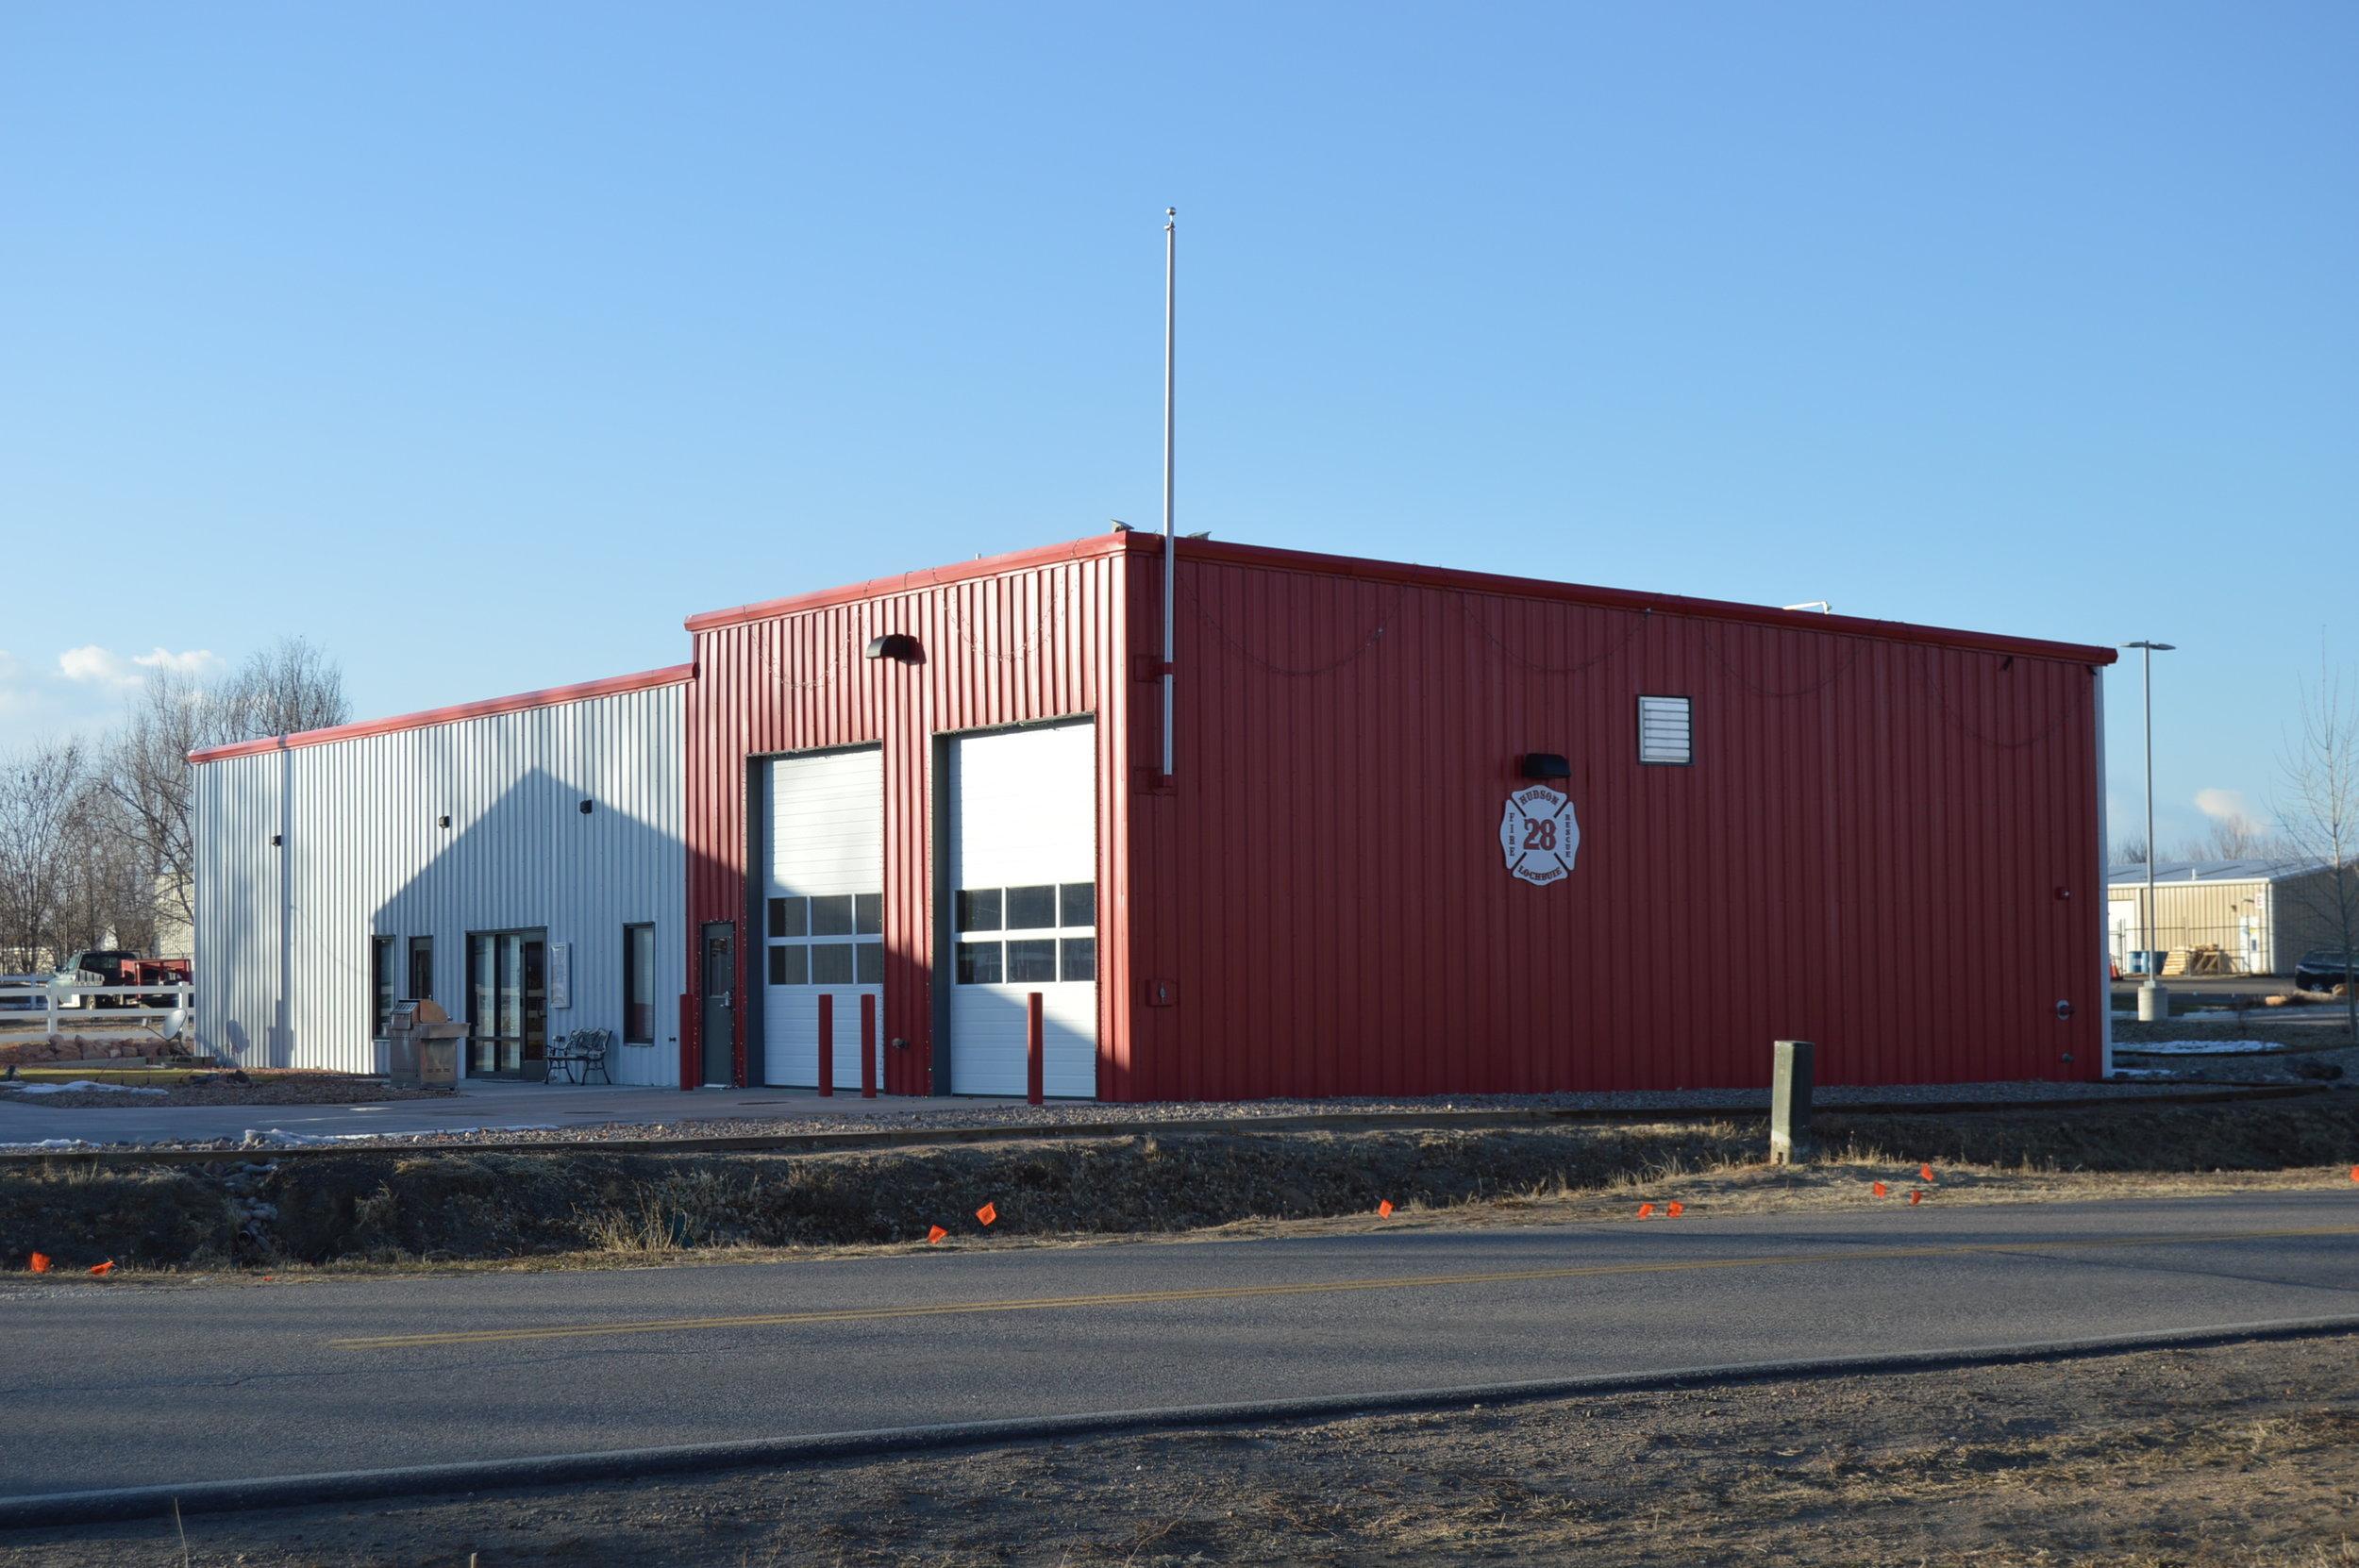 Lochbuie Fire Station. Lochbuie, CO